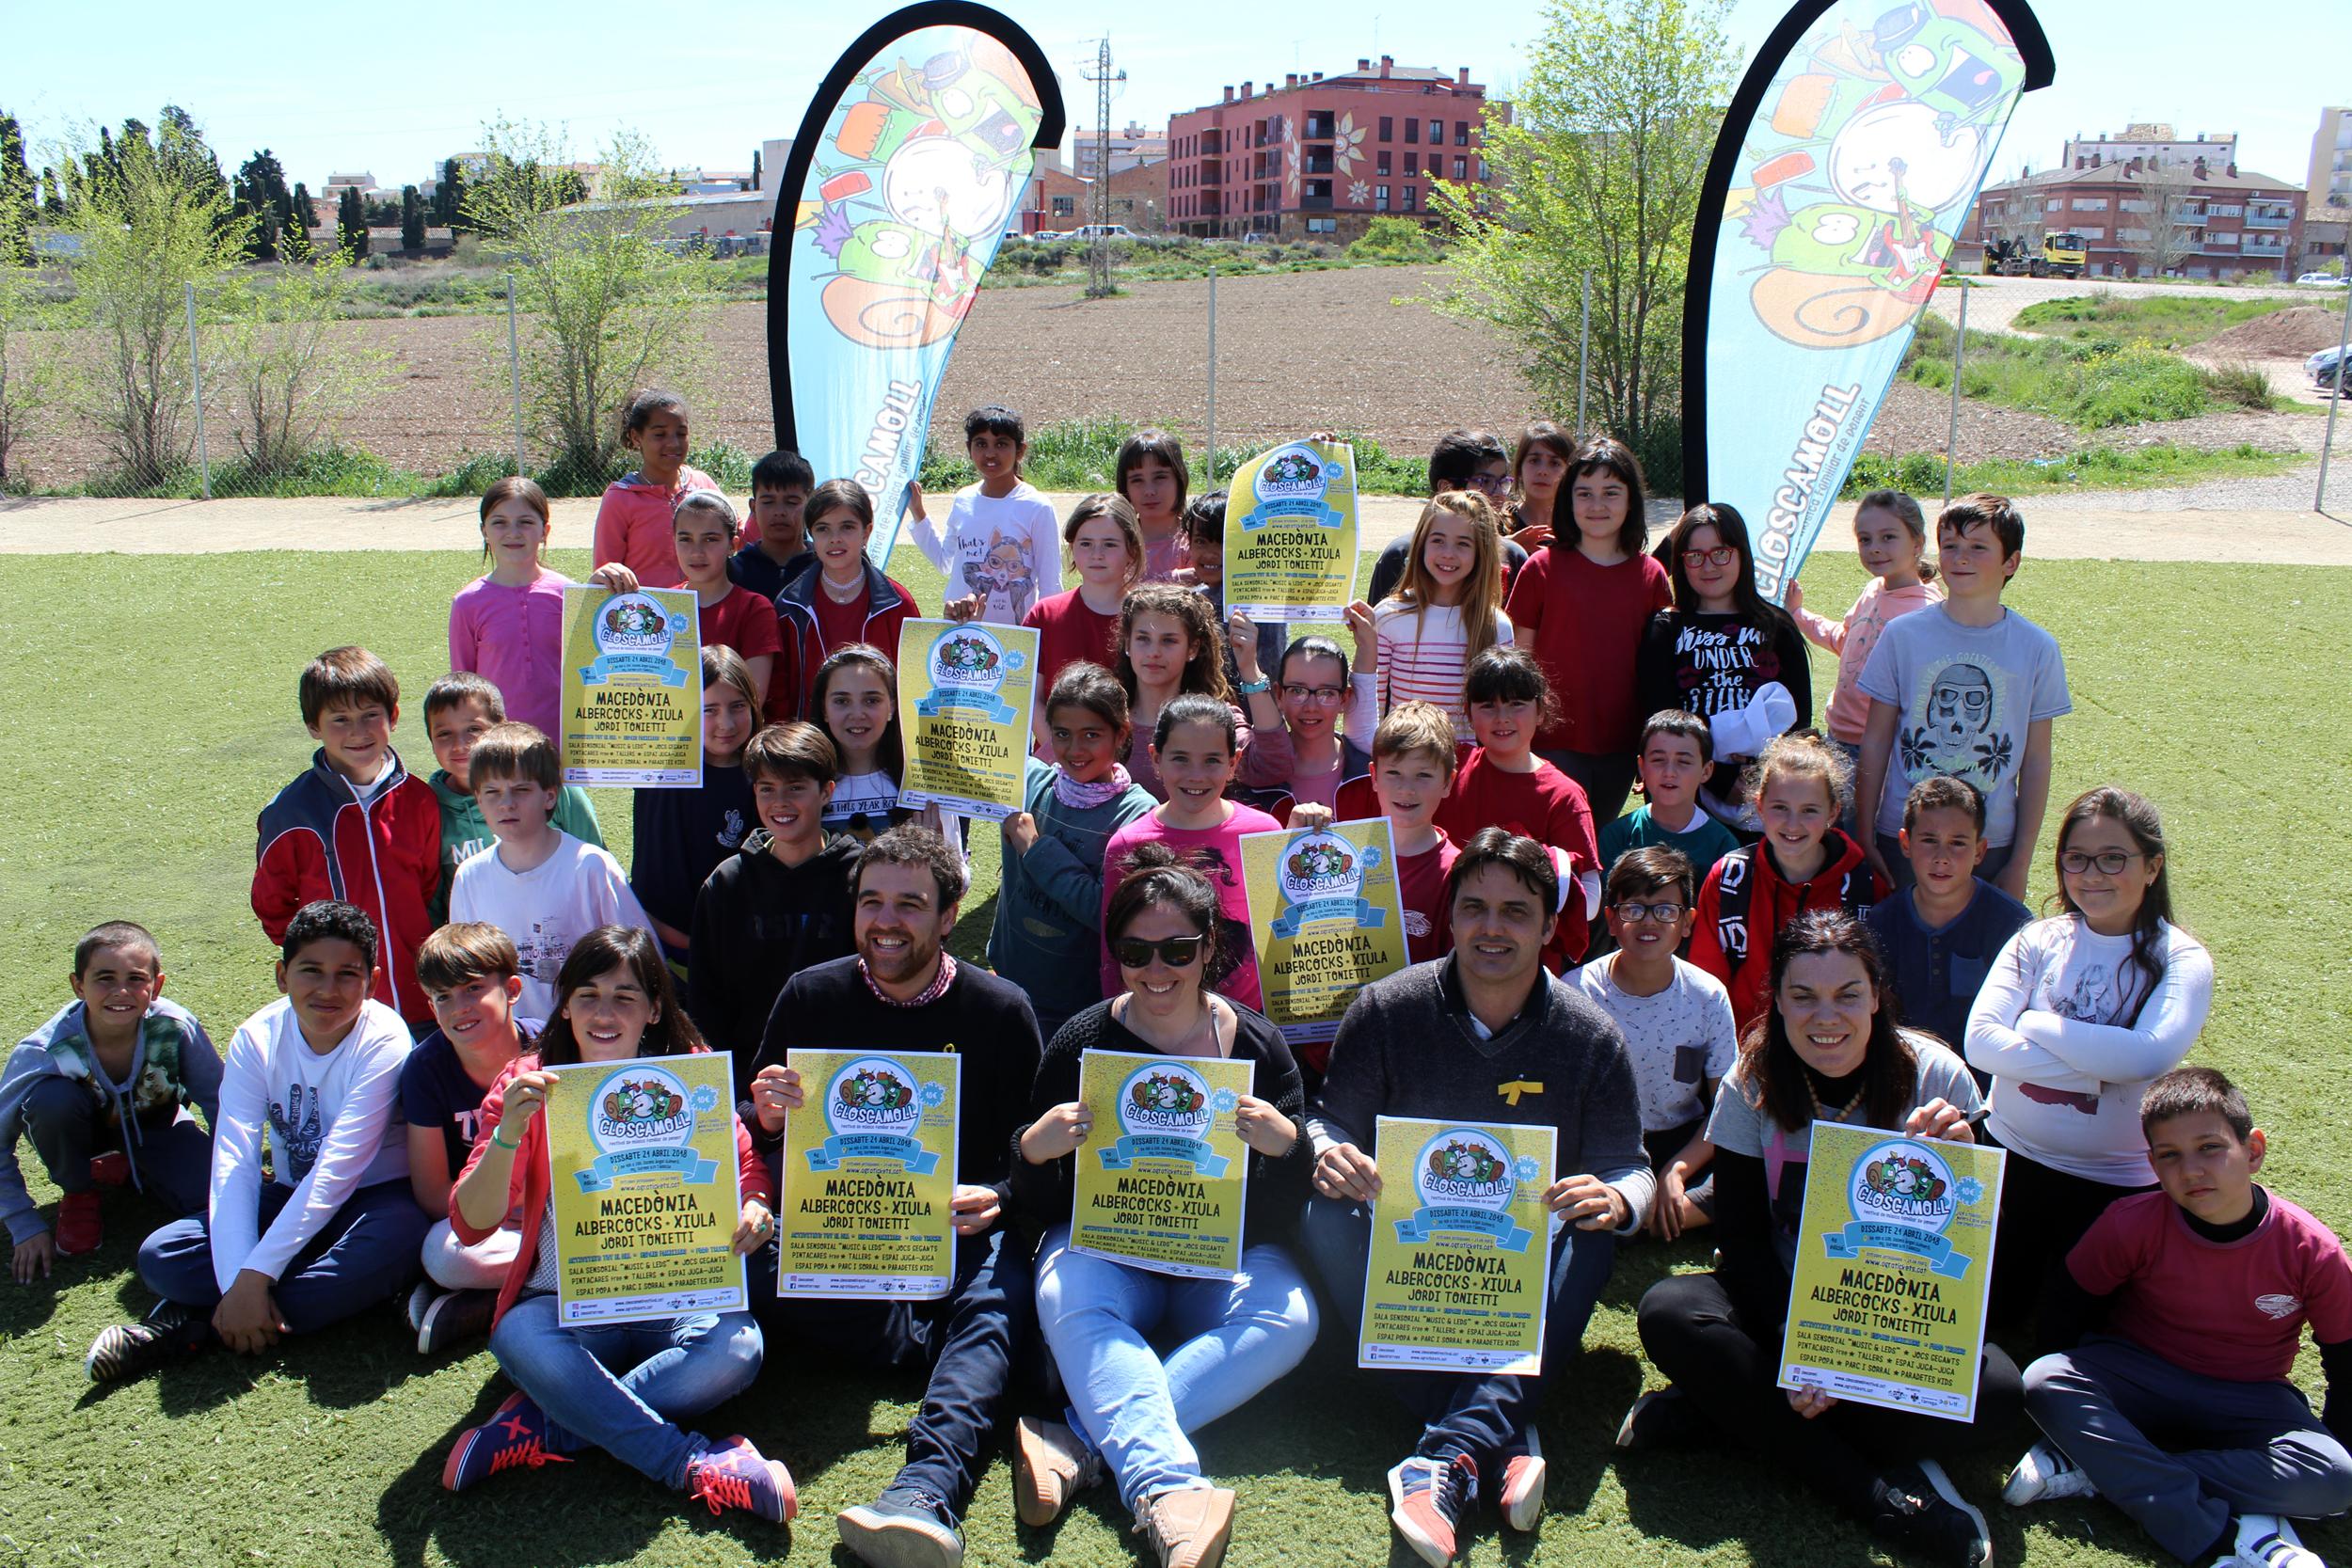 Les Macedònia cap de cartell del Festival de Música Familiar Lo Closcamoll a Tàrrega el disabte 21 d'abril